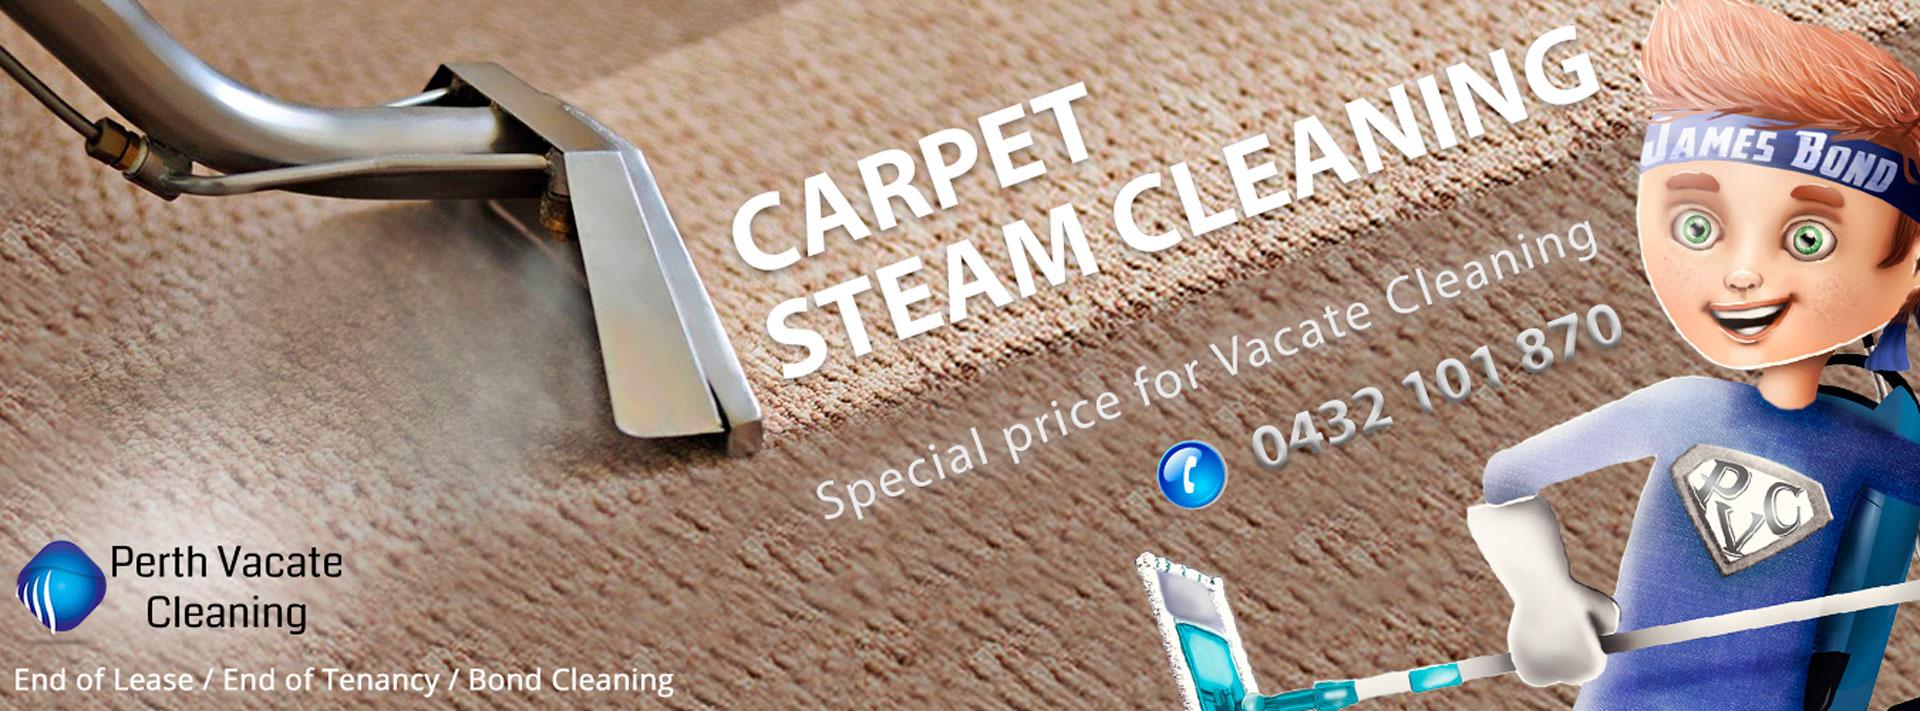 Banner Carpet